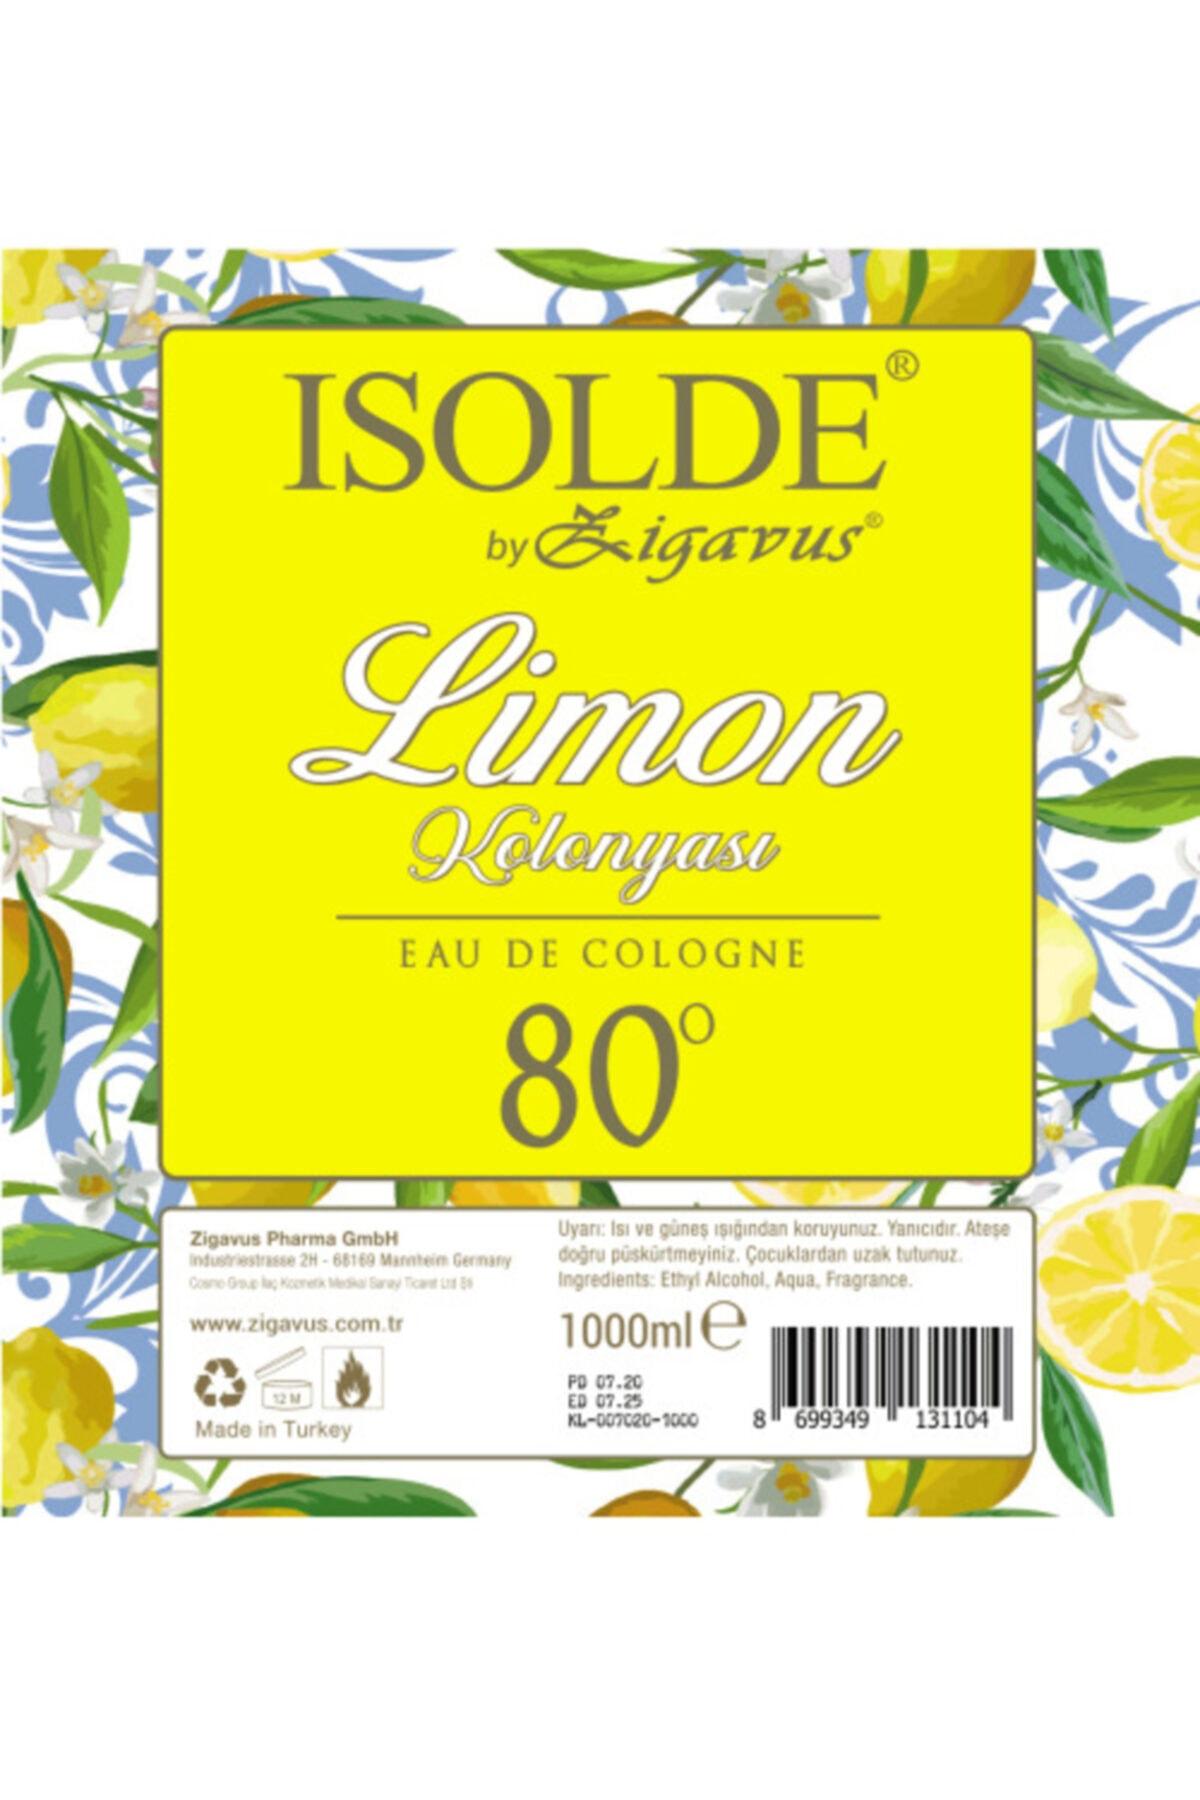 Zigavus Isolde 1 Litre 80 Derece Limon Kolonyası 2